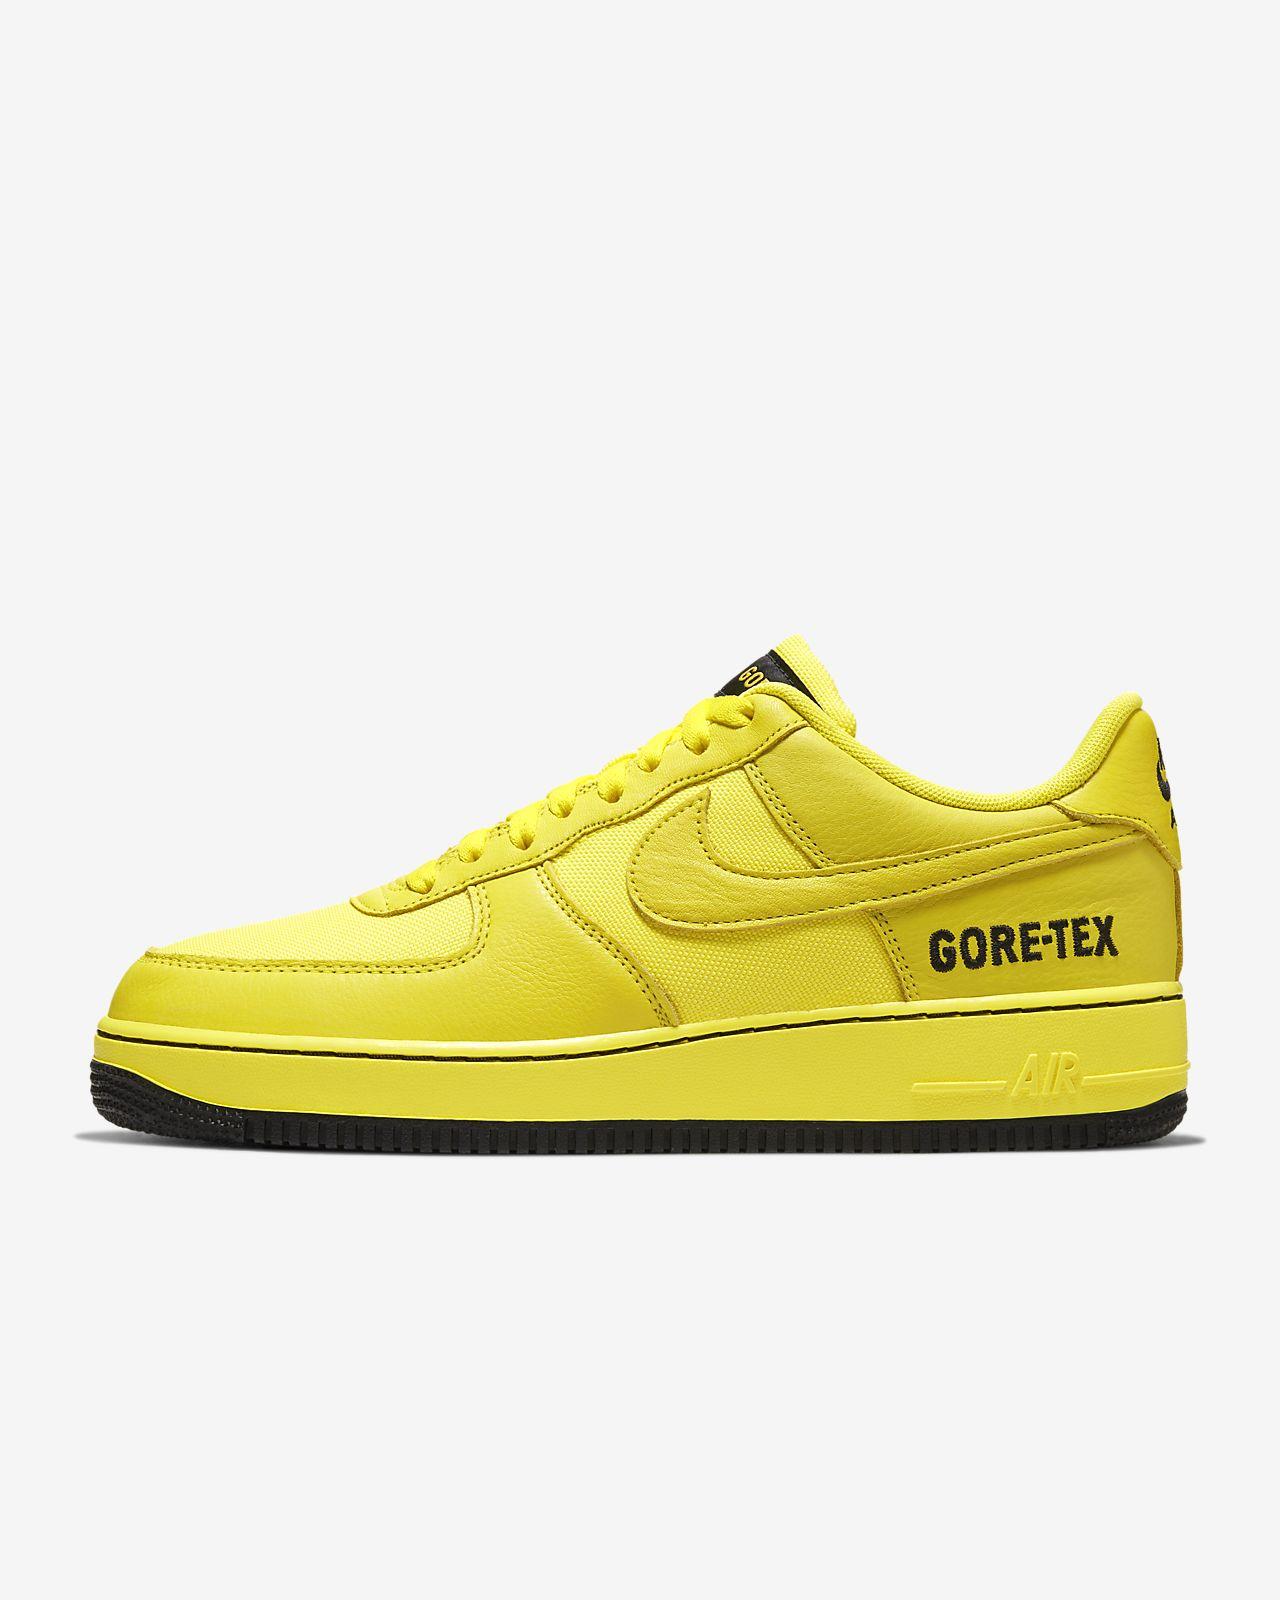 Nike Air Force 1 GORE-TEX Sabatilles